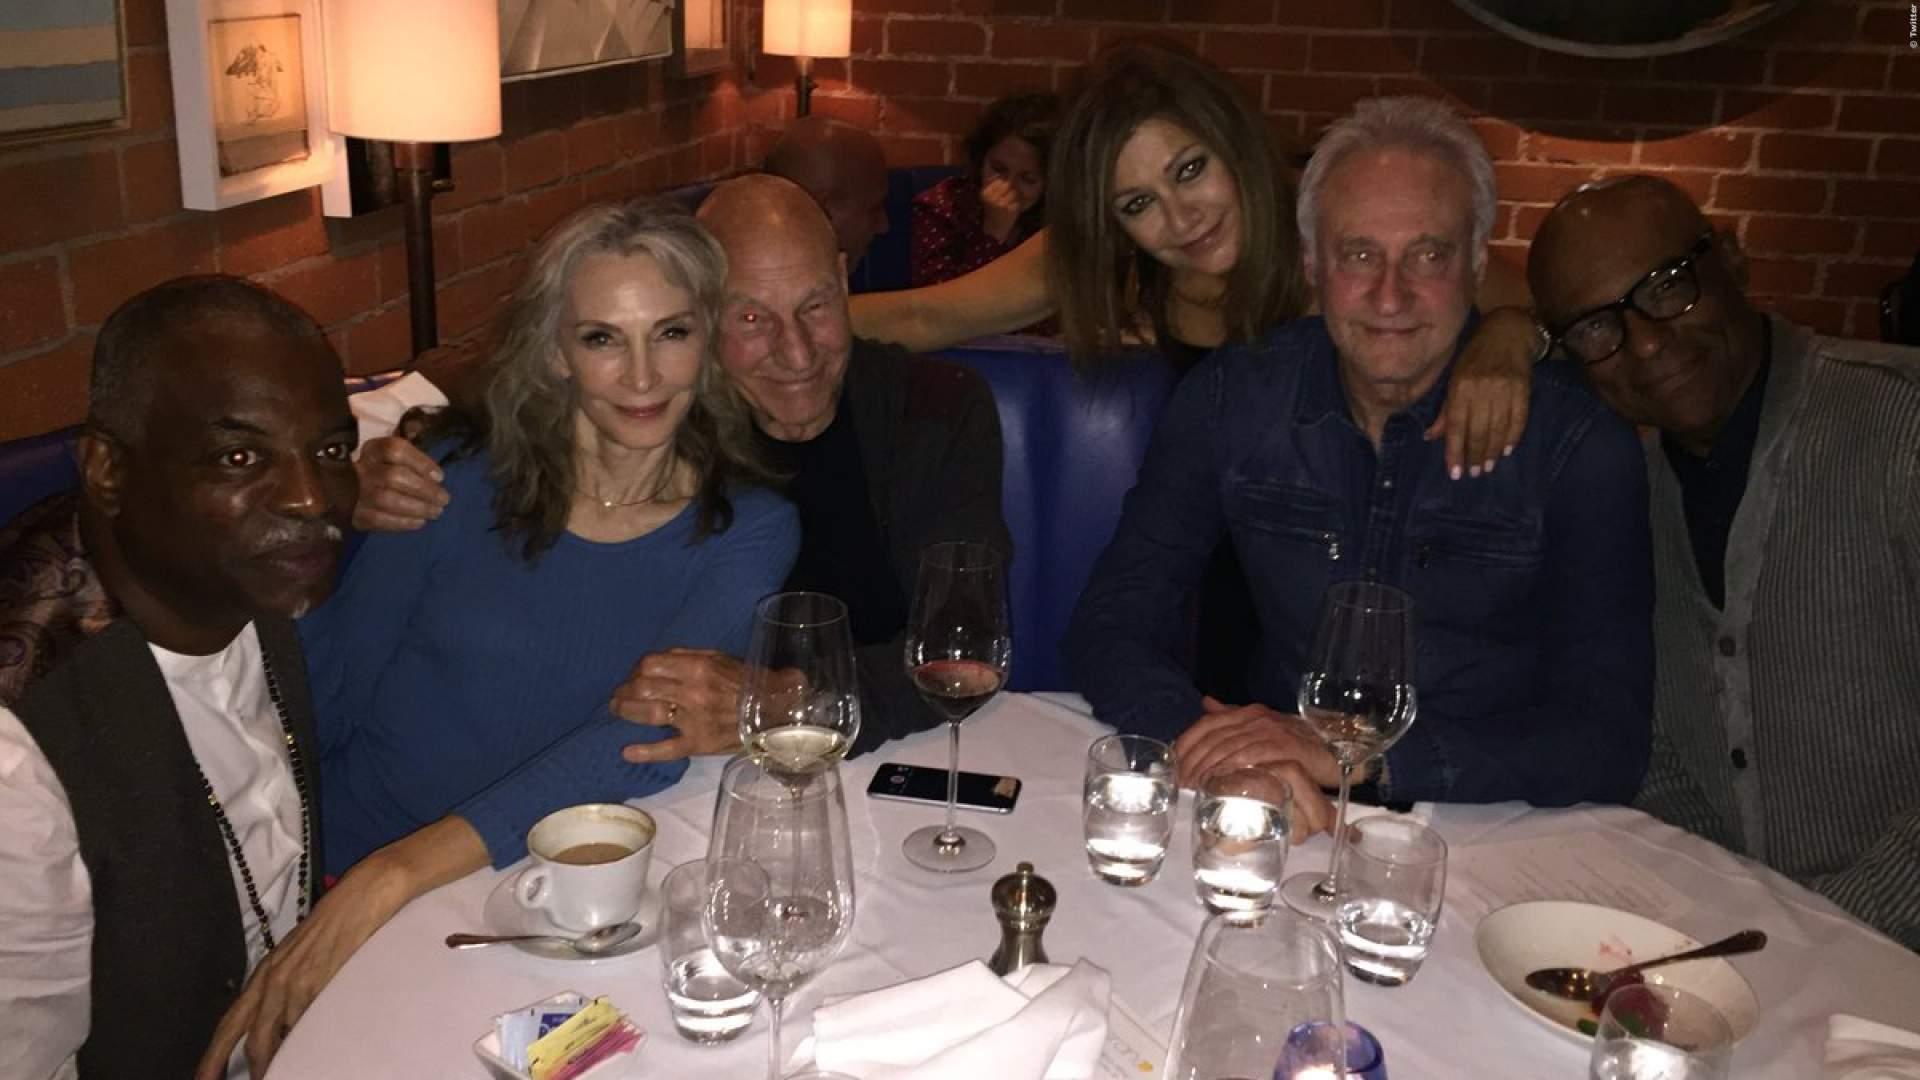 Star Trek: Enterprise-Reunion vor neuer Picard-Serie - Bild 1 von 1